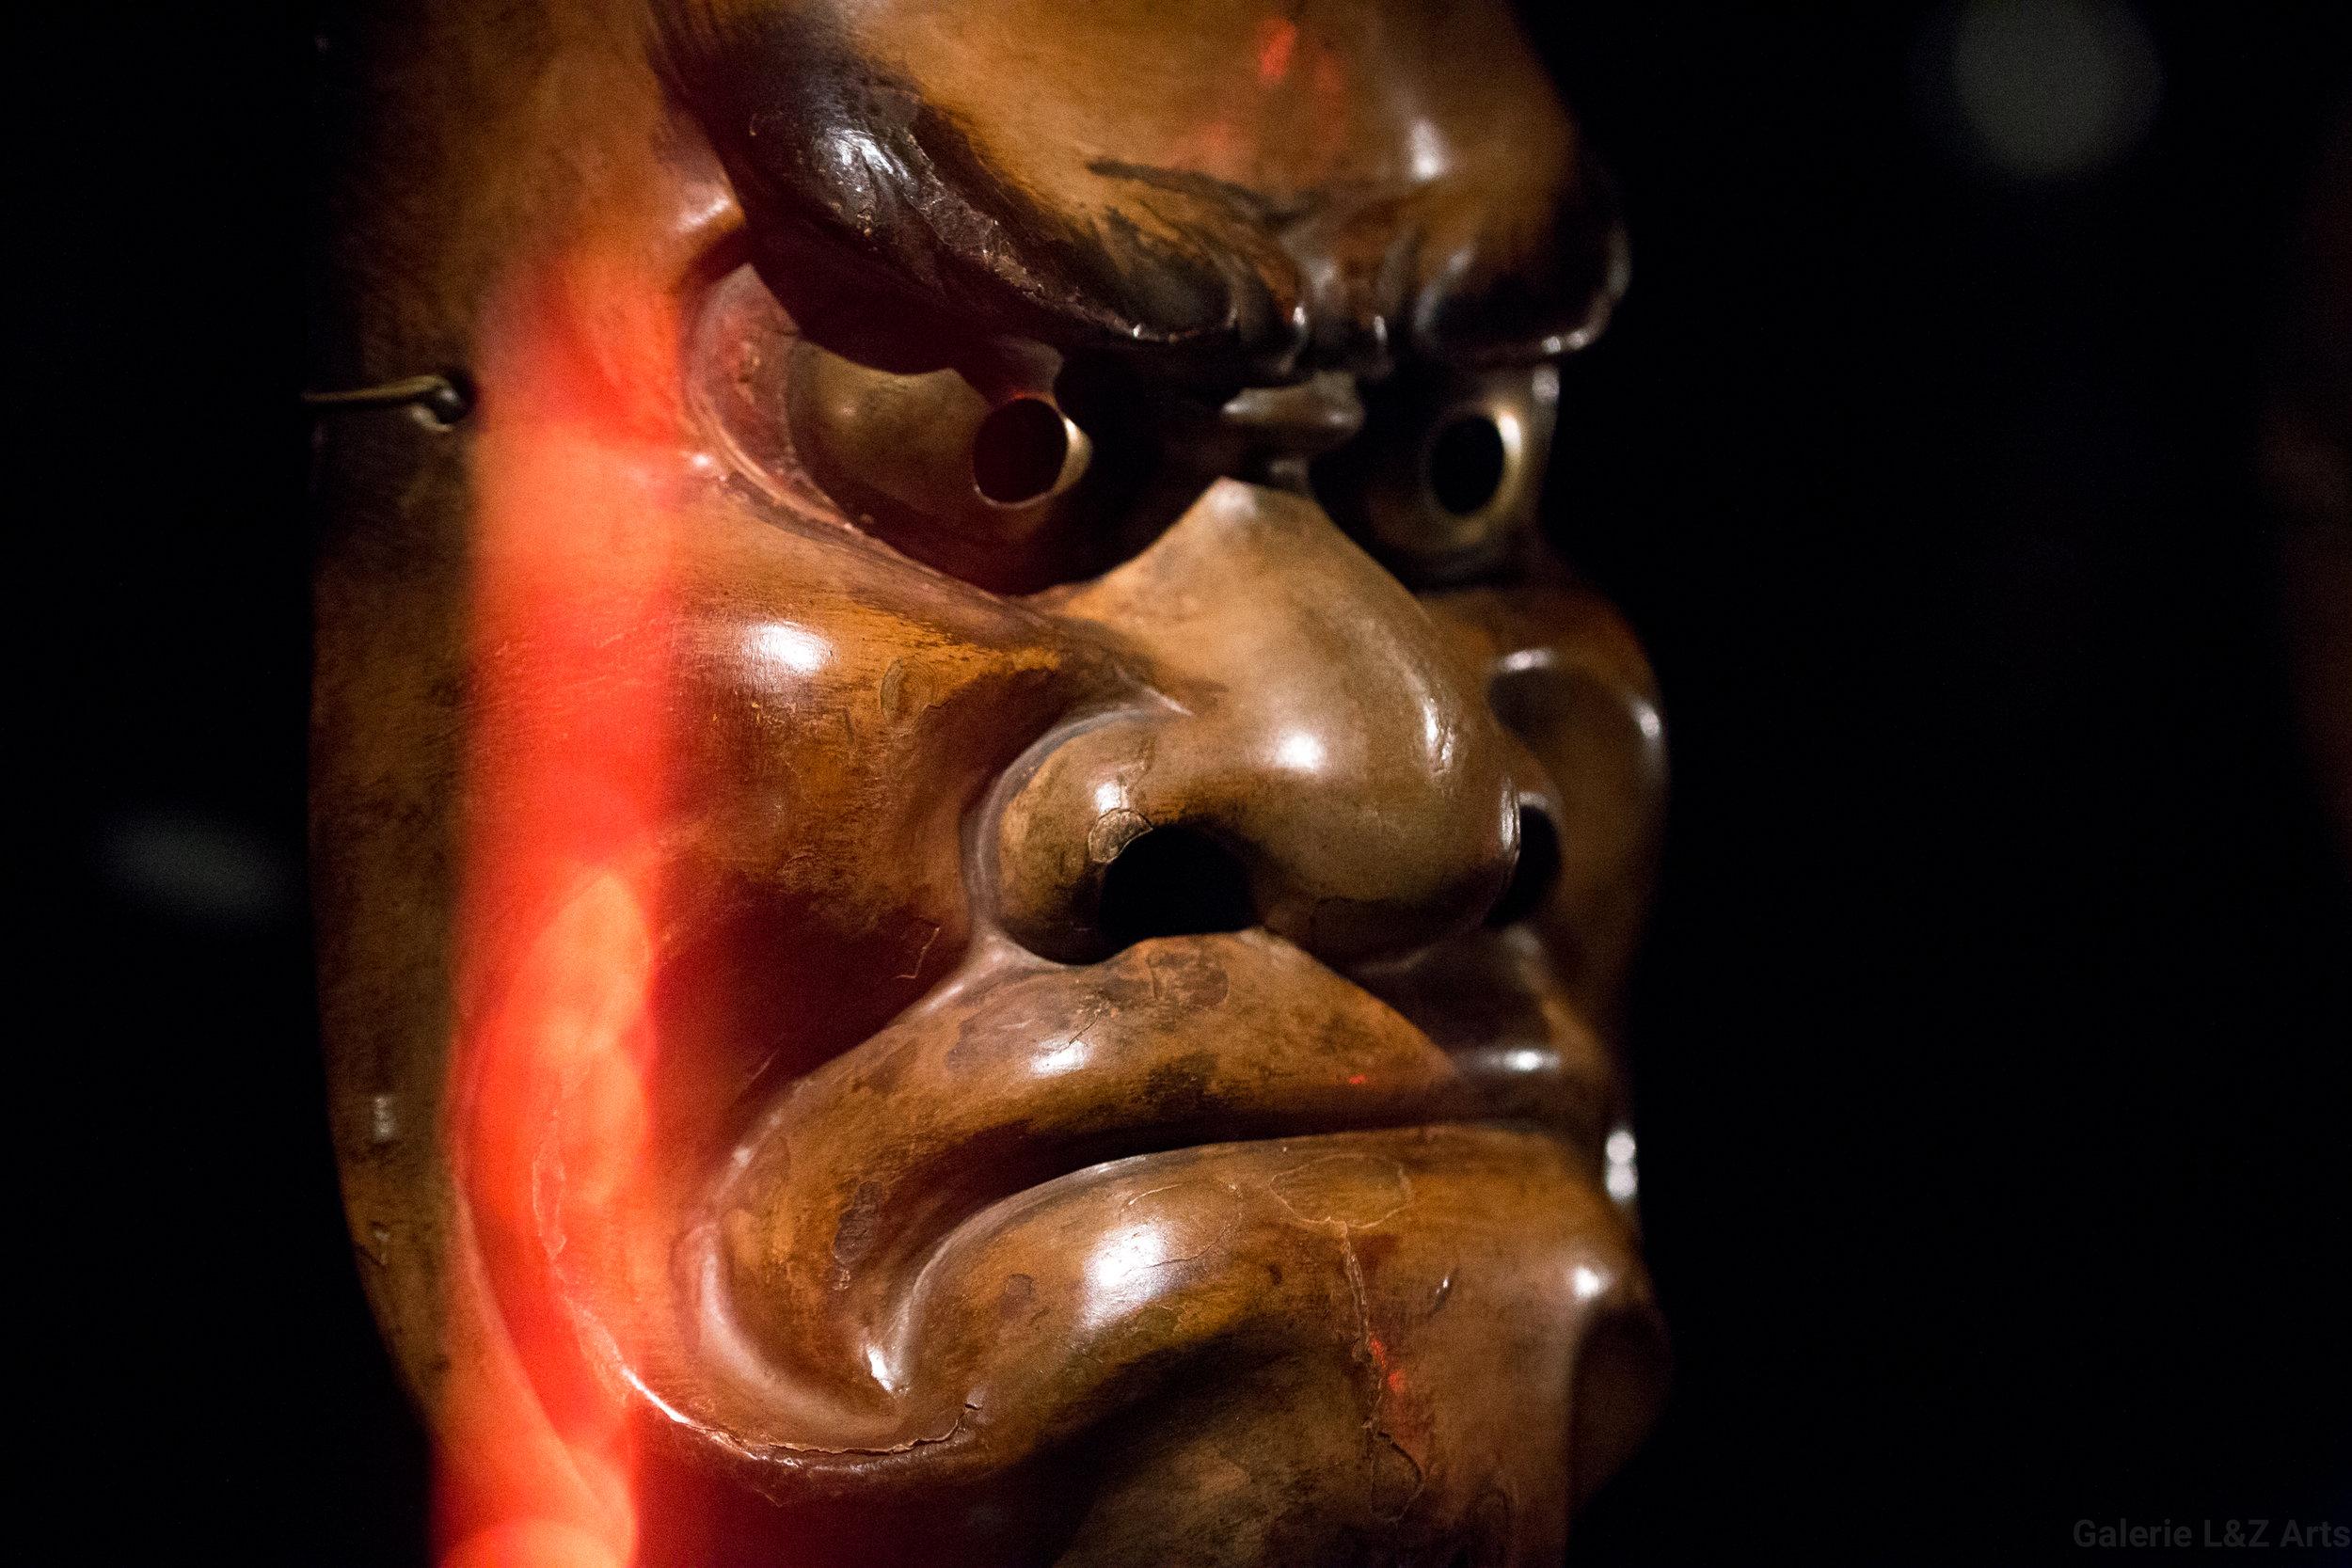 exposition-masque-art-tribal-africain-musee-quai-branly-belgique-galerie-lz-arts-liege-cite-miroir-oceanie-asie-japon-amerique-art-premier-nepal-34.jpg